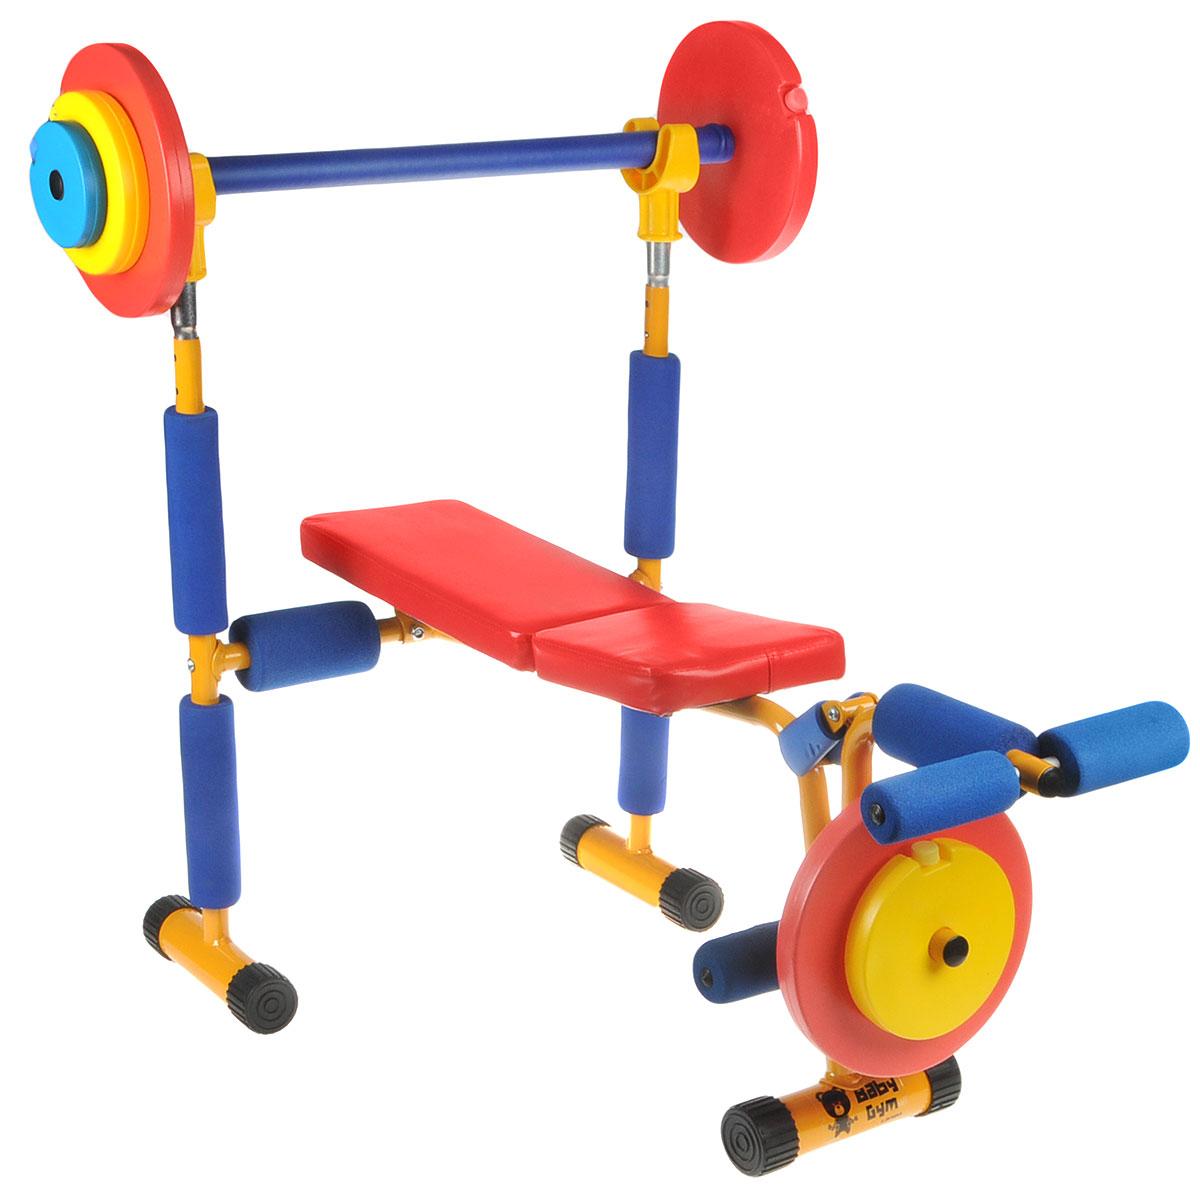 Скамья под штангу Larsen Baby Gym, 87 х 80 х 85 смХот ШейперсСкамья под штангу Larsen Baby Gym предназначена для использования детьми. Выполнена из прочного пластика, вспененного полимера и металла. Лежак обтянут искусственной кожей. В комплект входит штанга и блок для ног.Размеры: 87 х 80 х 85 см. Масса в собранном виде: 8,5 кг. Максимальный вес пользователя: 50 кг